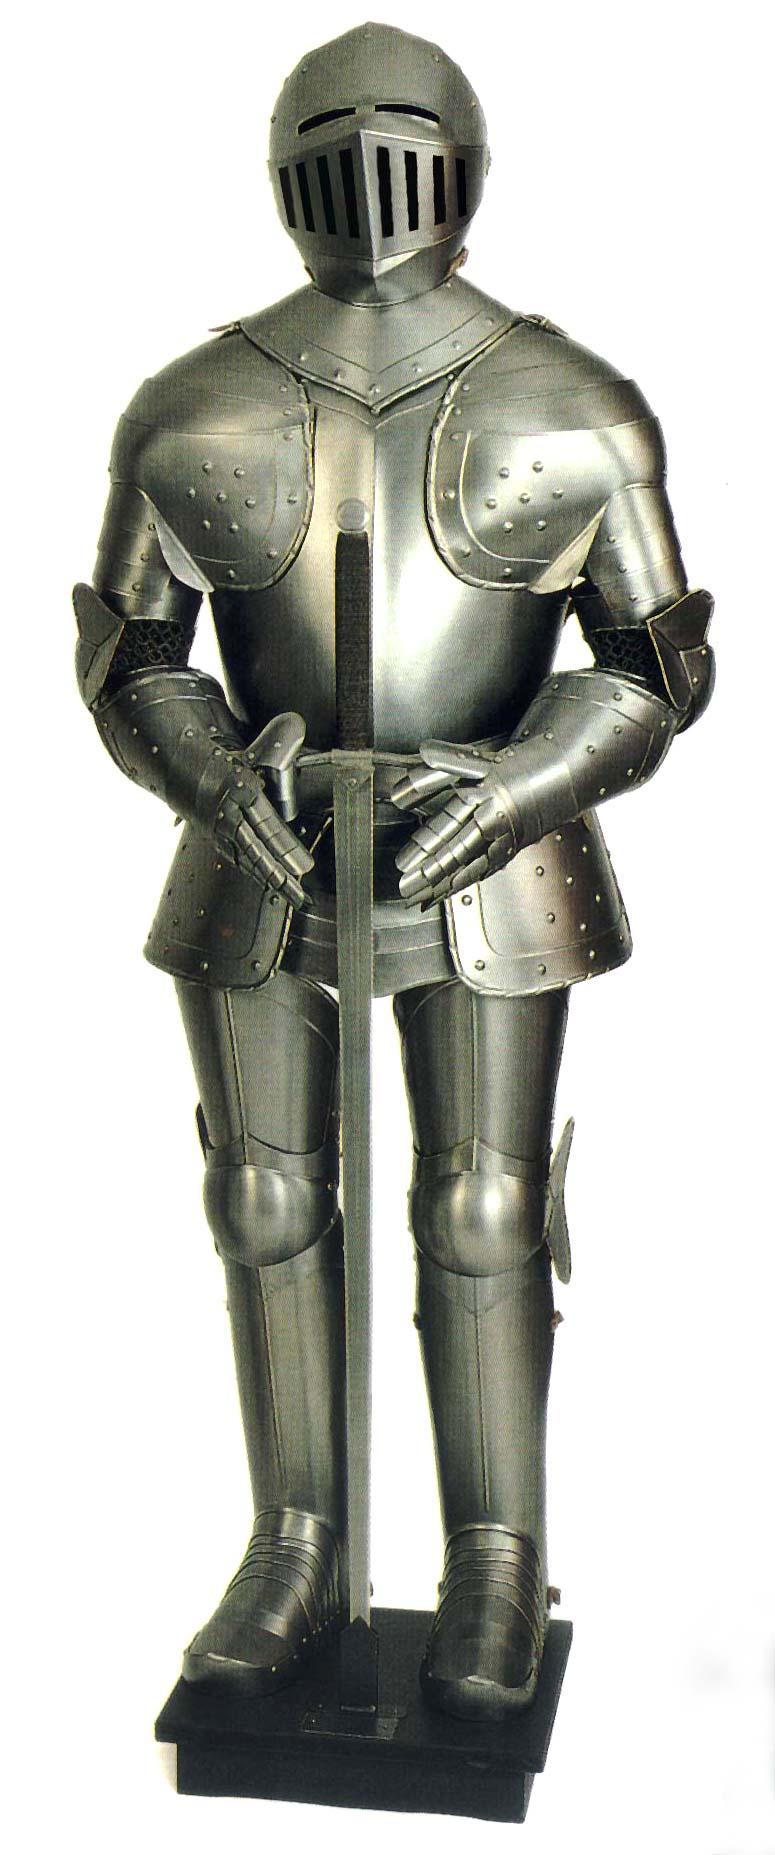 http://gmor.org/home/140004676/140004676/armor.jpg